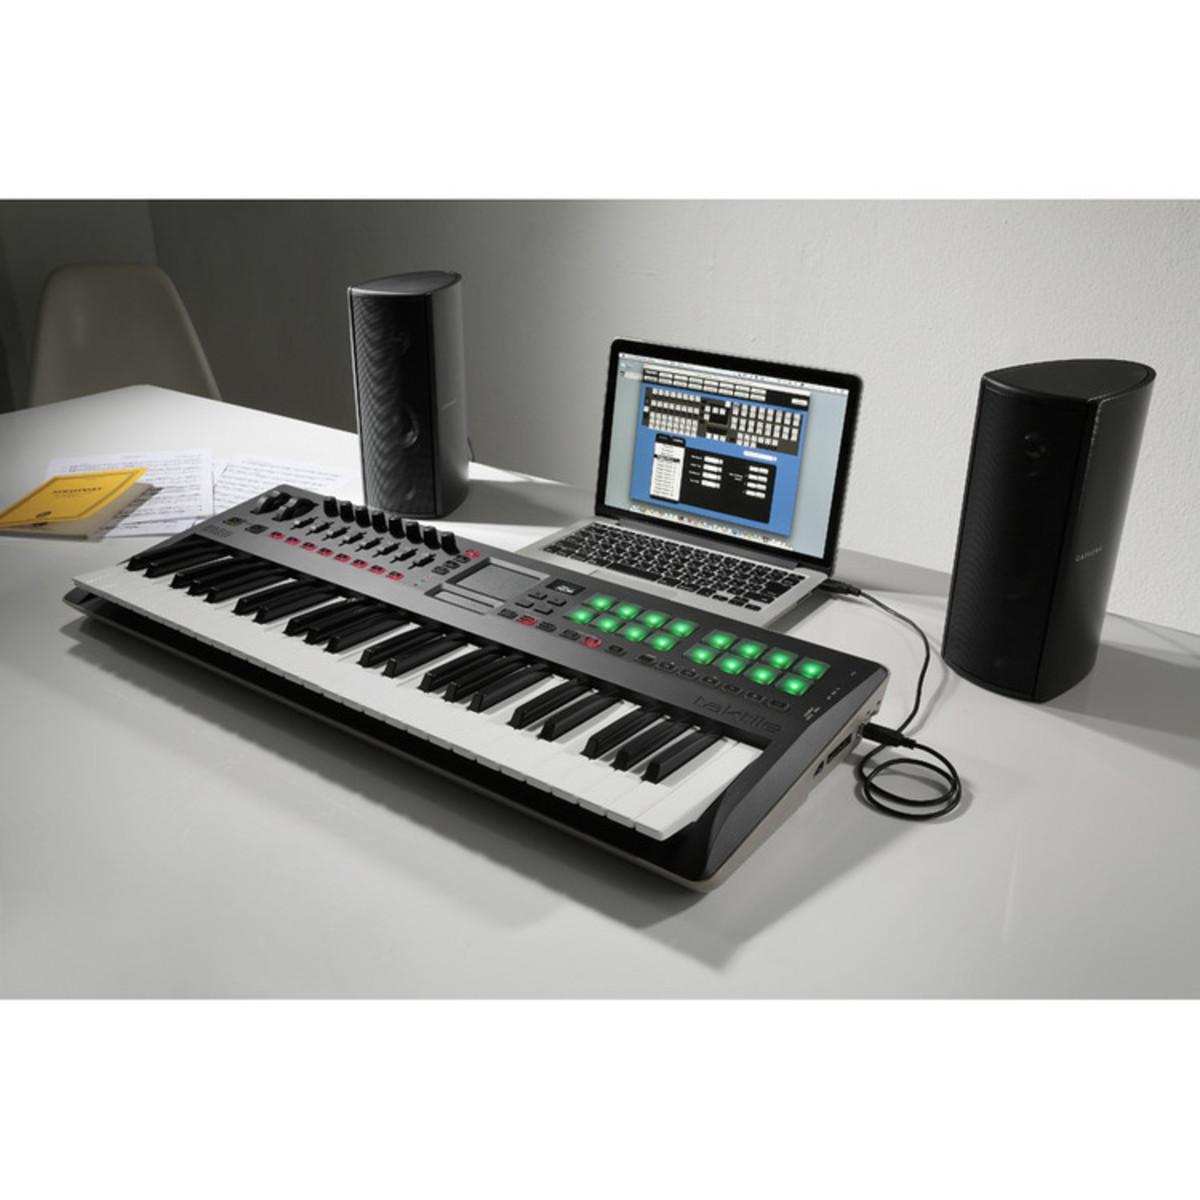 korg taktile 49 49 key usb midi controller keyboard at. Black Bedroom Furniture Sets. Home Design Ideas